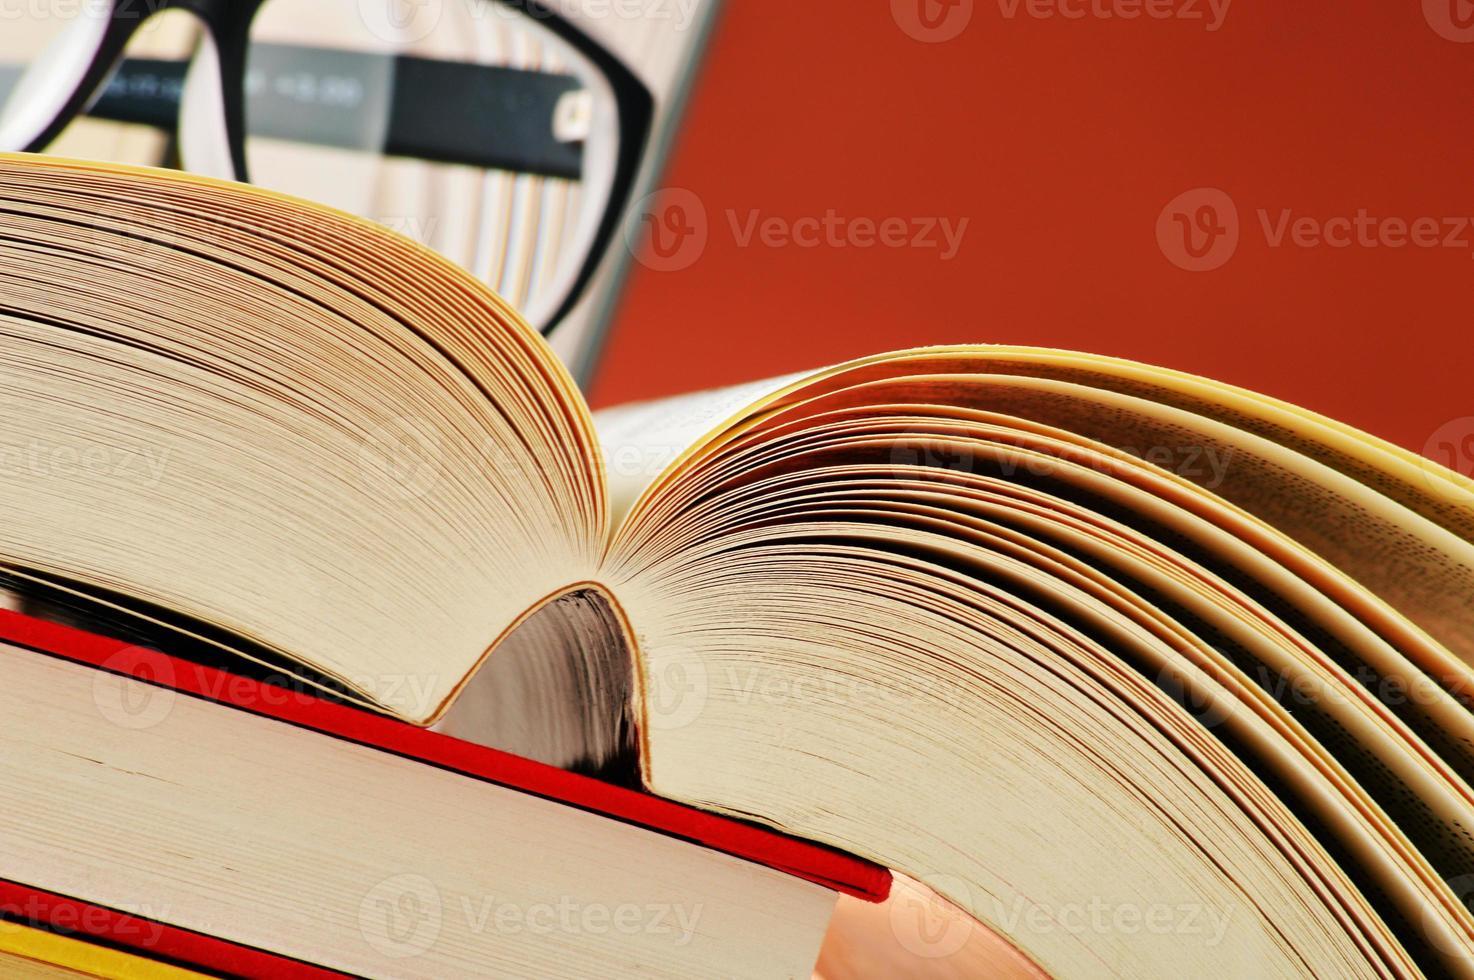 composição com óculos e livros em cima da mesa foto